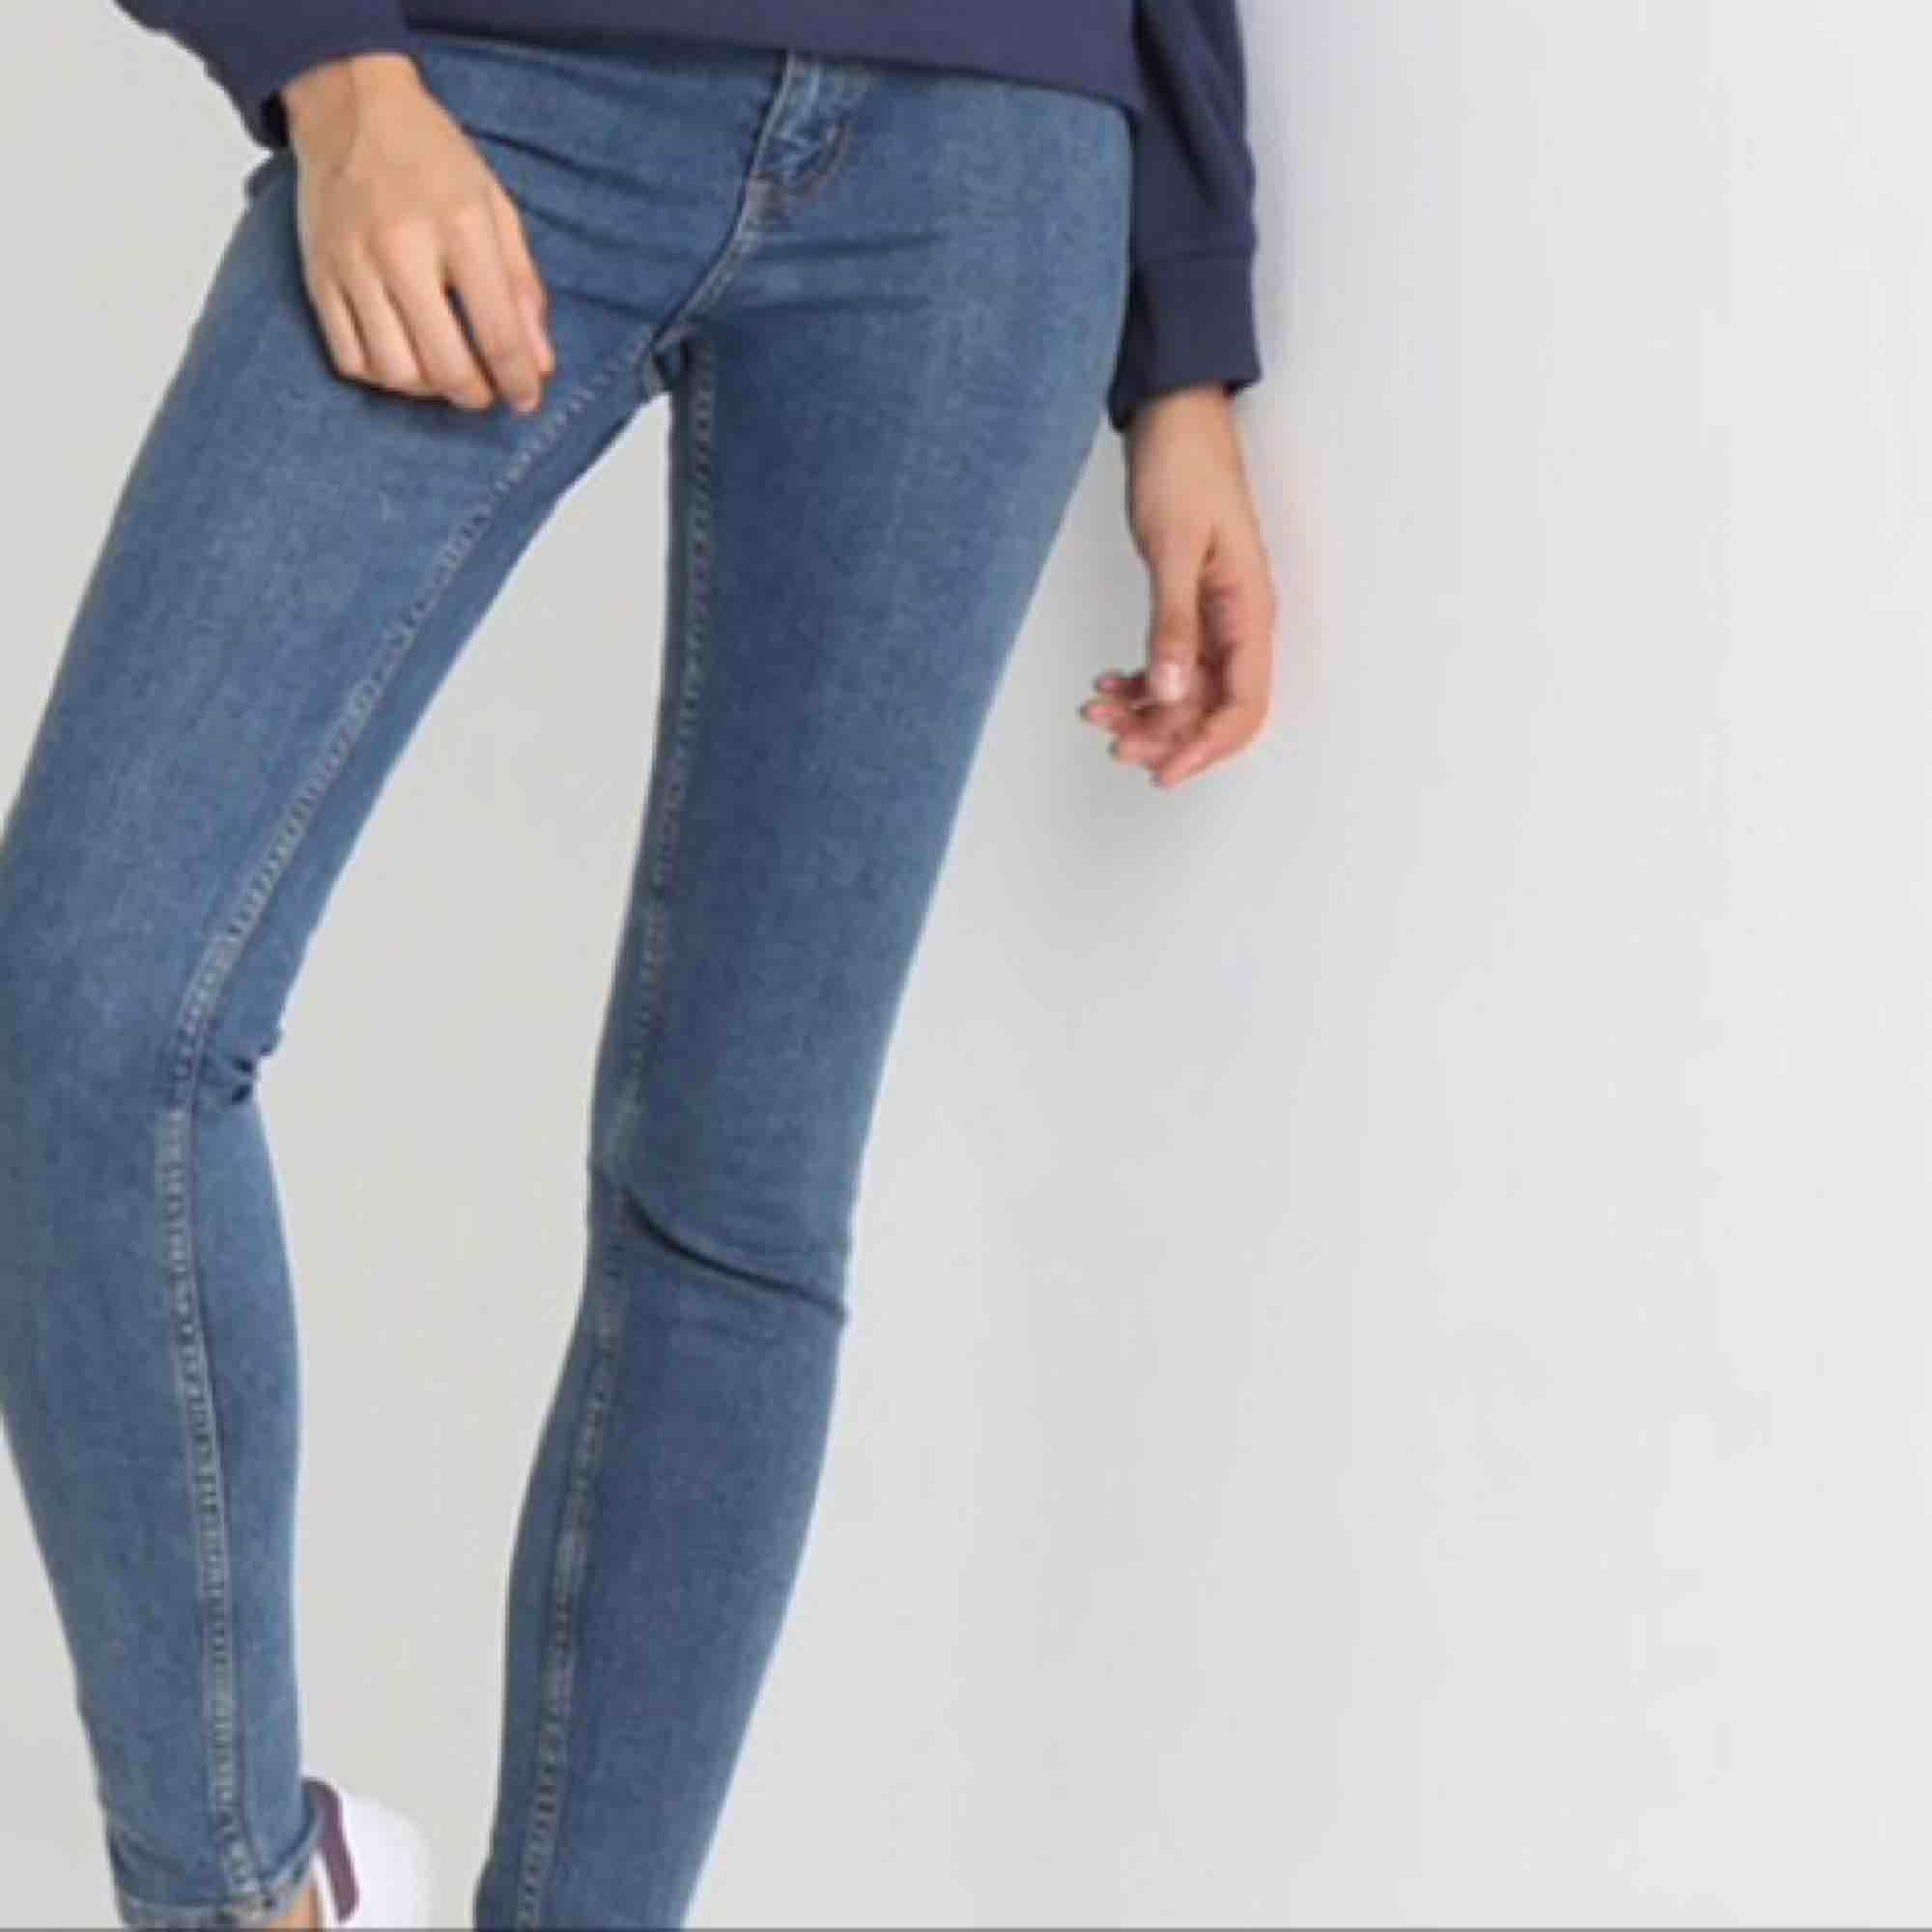 Säljer två helt nya cheap monday jeans i strl 27w/32 L som inte är stretchiga som är mörkblå. 28w/34L som är lite stretchiga och är blå. Pris kan diskuteras vid snabb affär.. Jeans & Byxor.